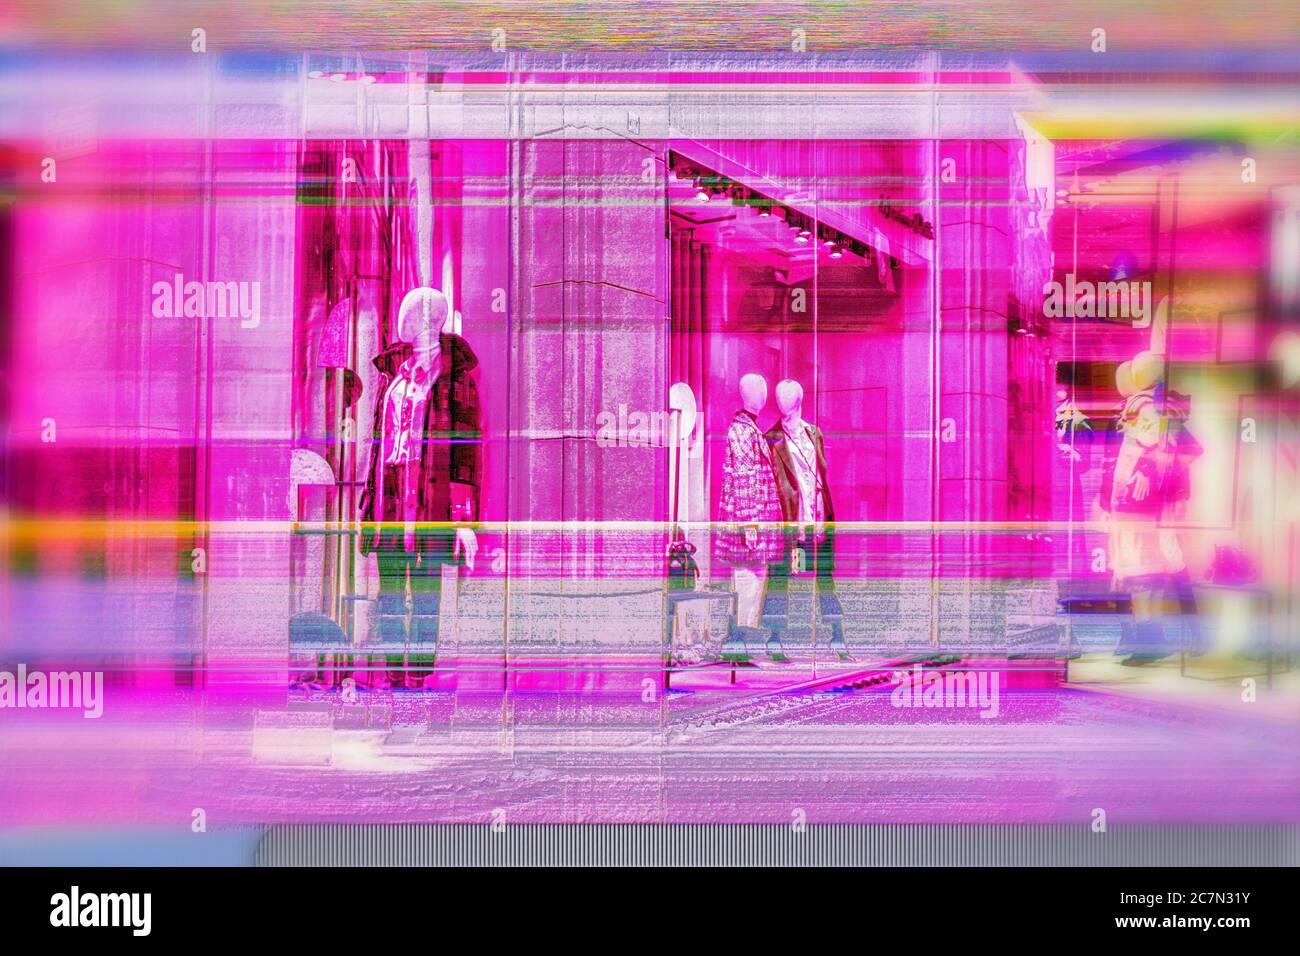 Digitalisierte High-End-Fashion-Schaufenster säumen eine Straße in Barcelona, Spanien. Stockfoto